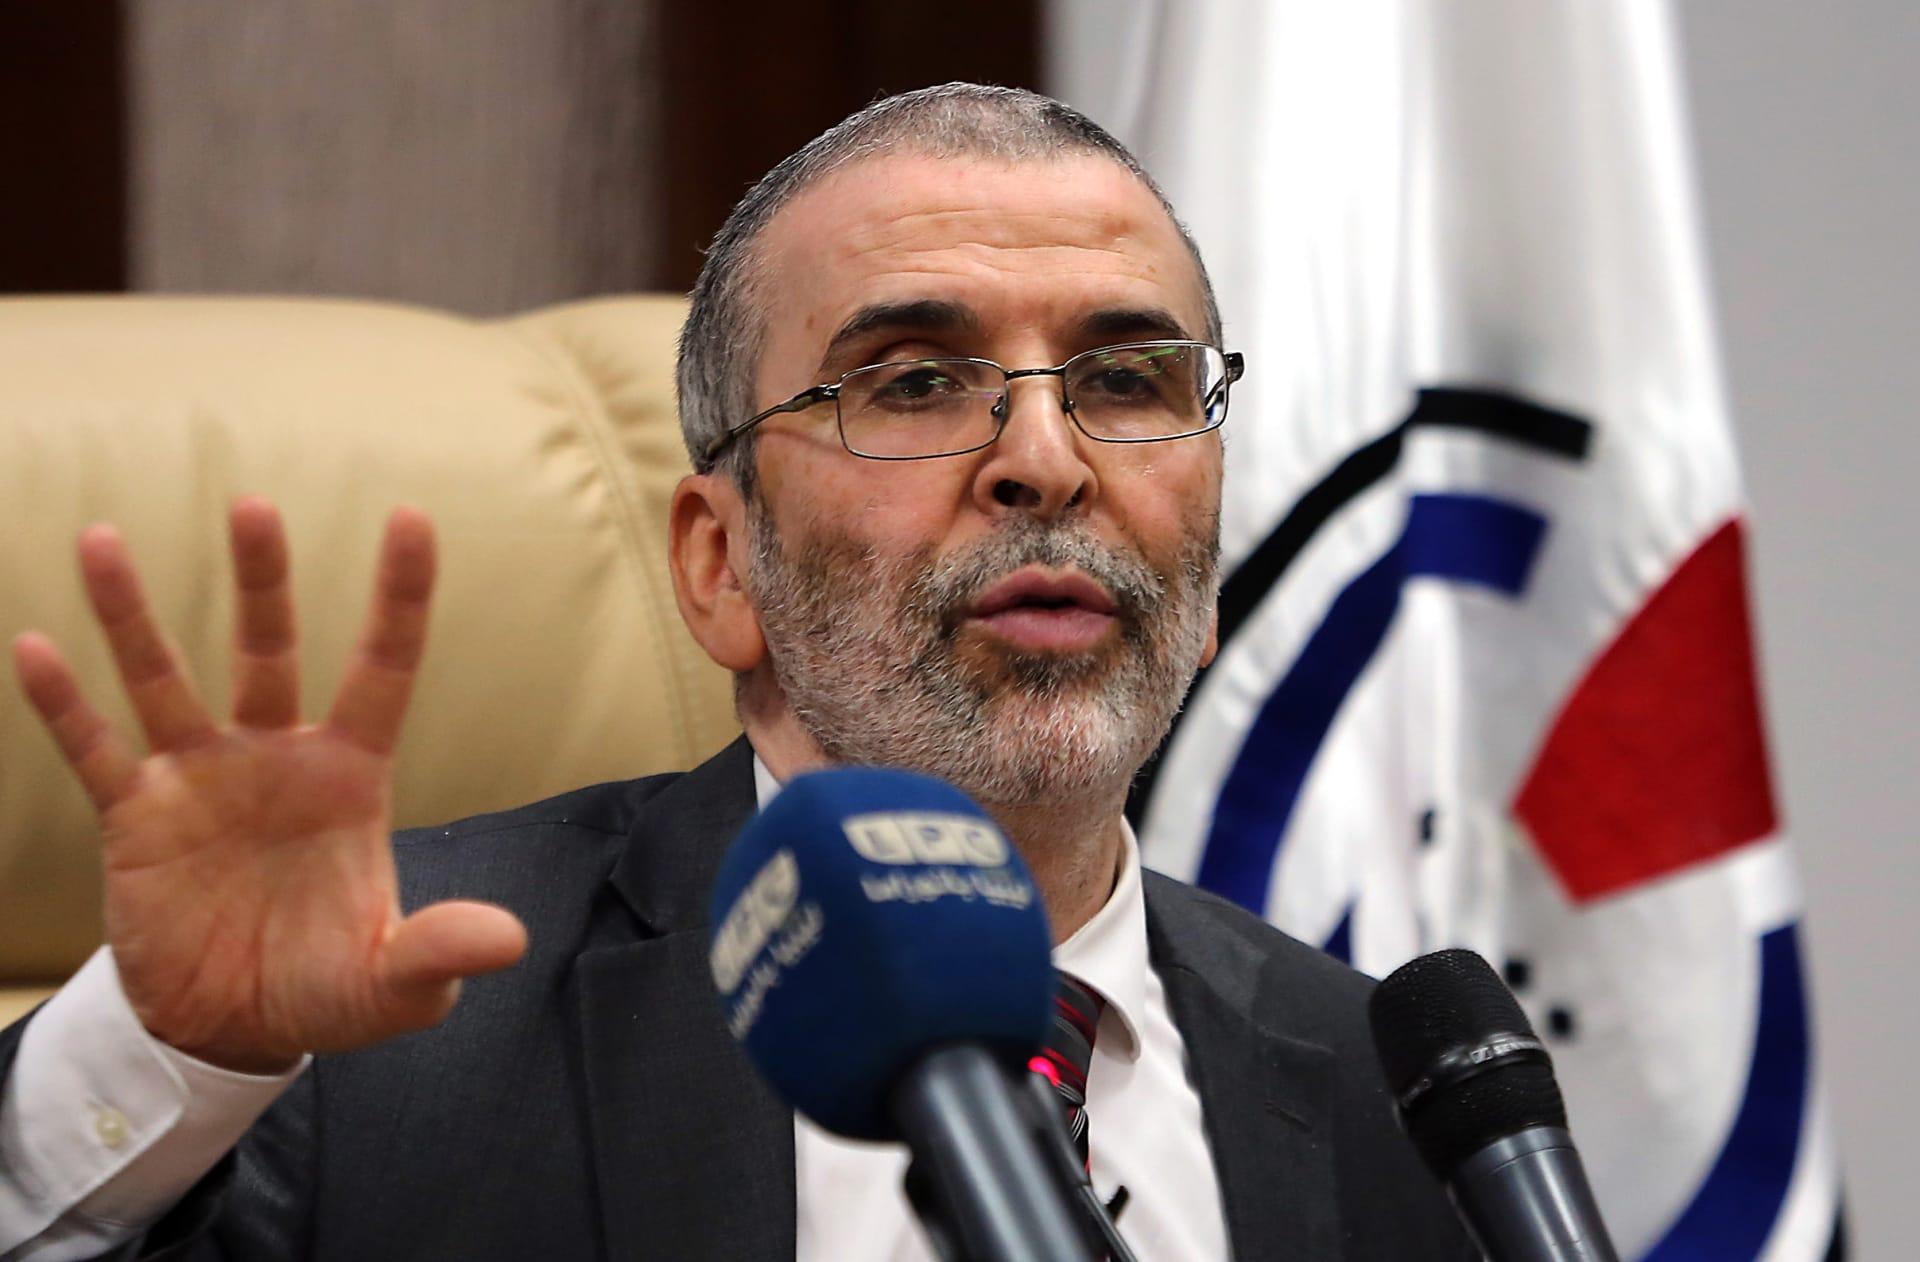 """رئيس مؤسسة النفط الليبية يحذر من """"كارثة أكبر من انفجار مرفأ بيروت"""""""